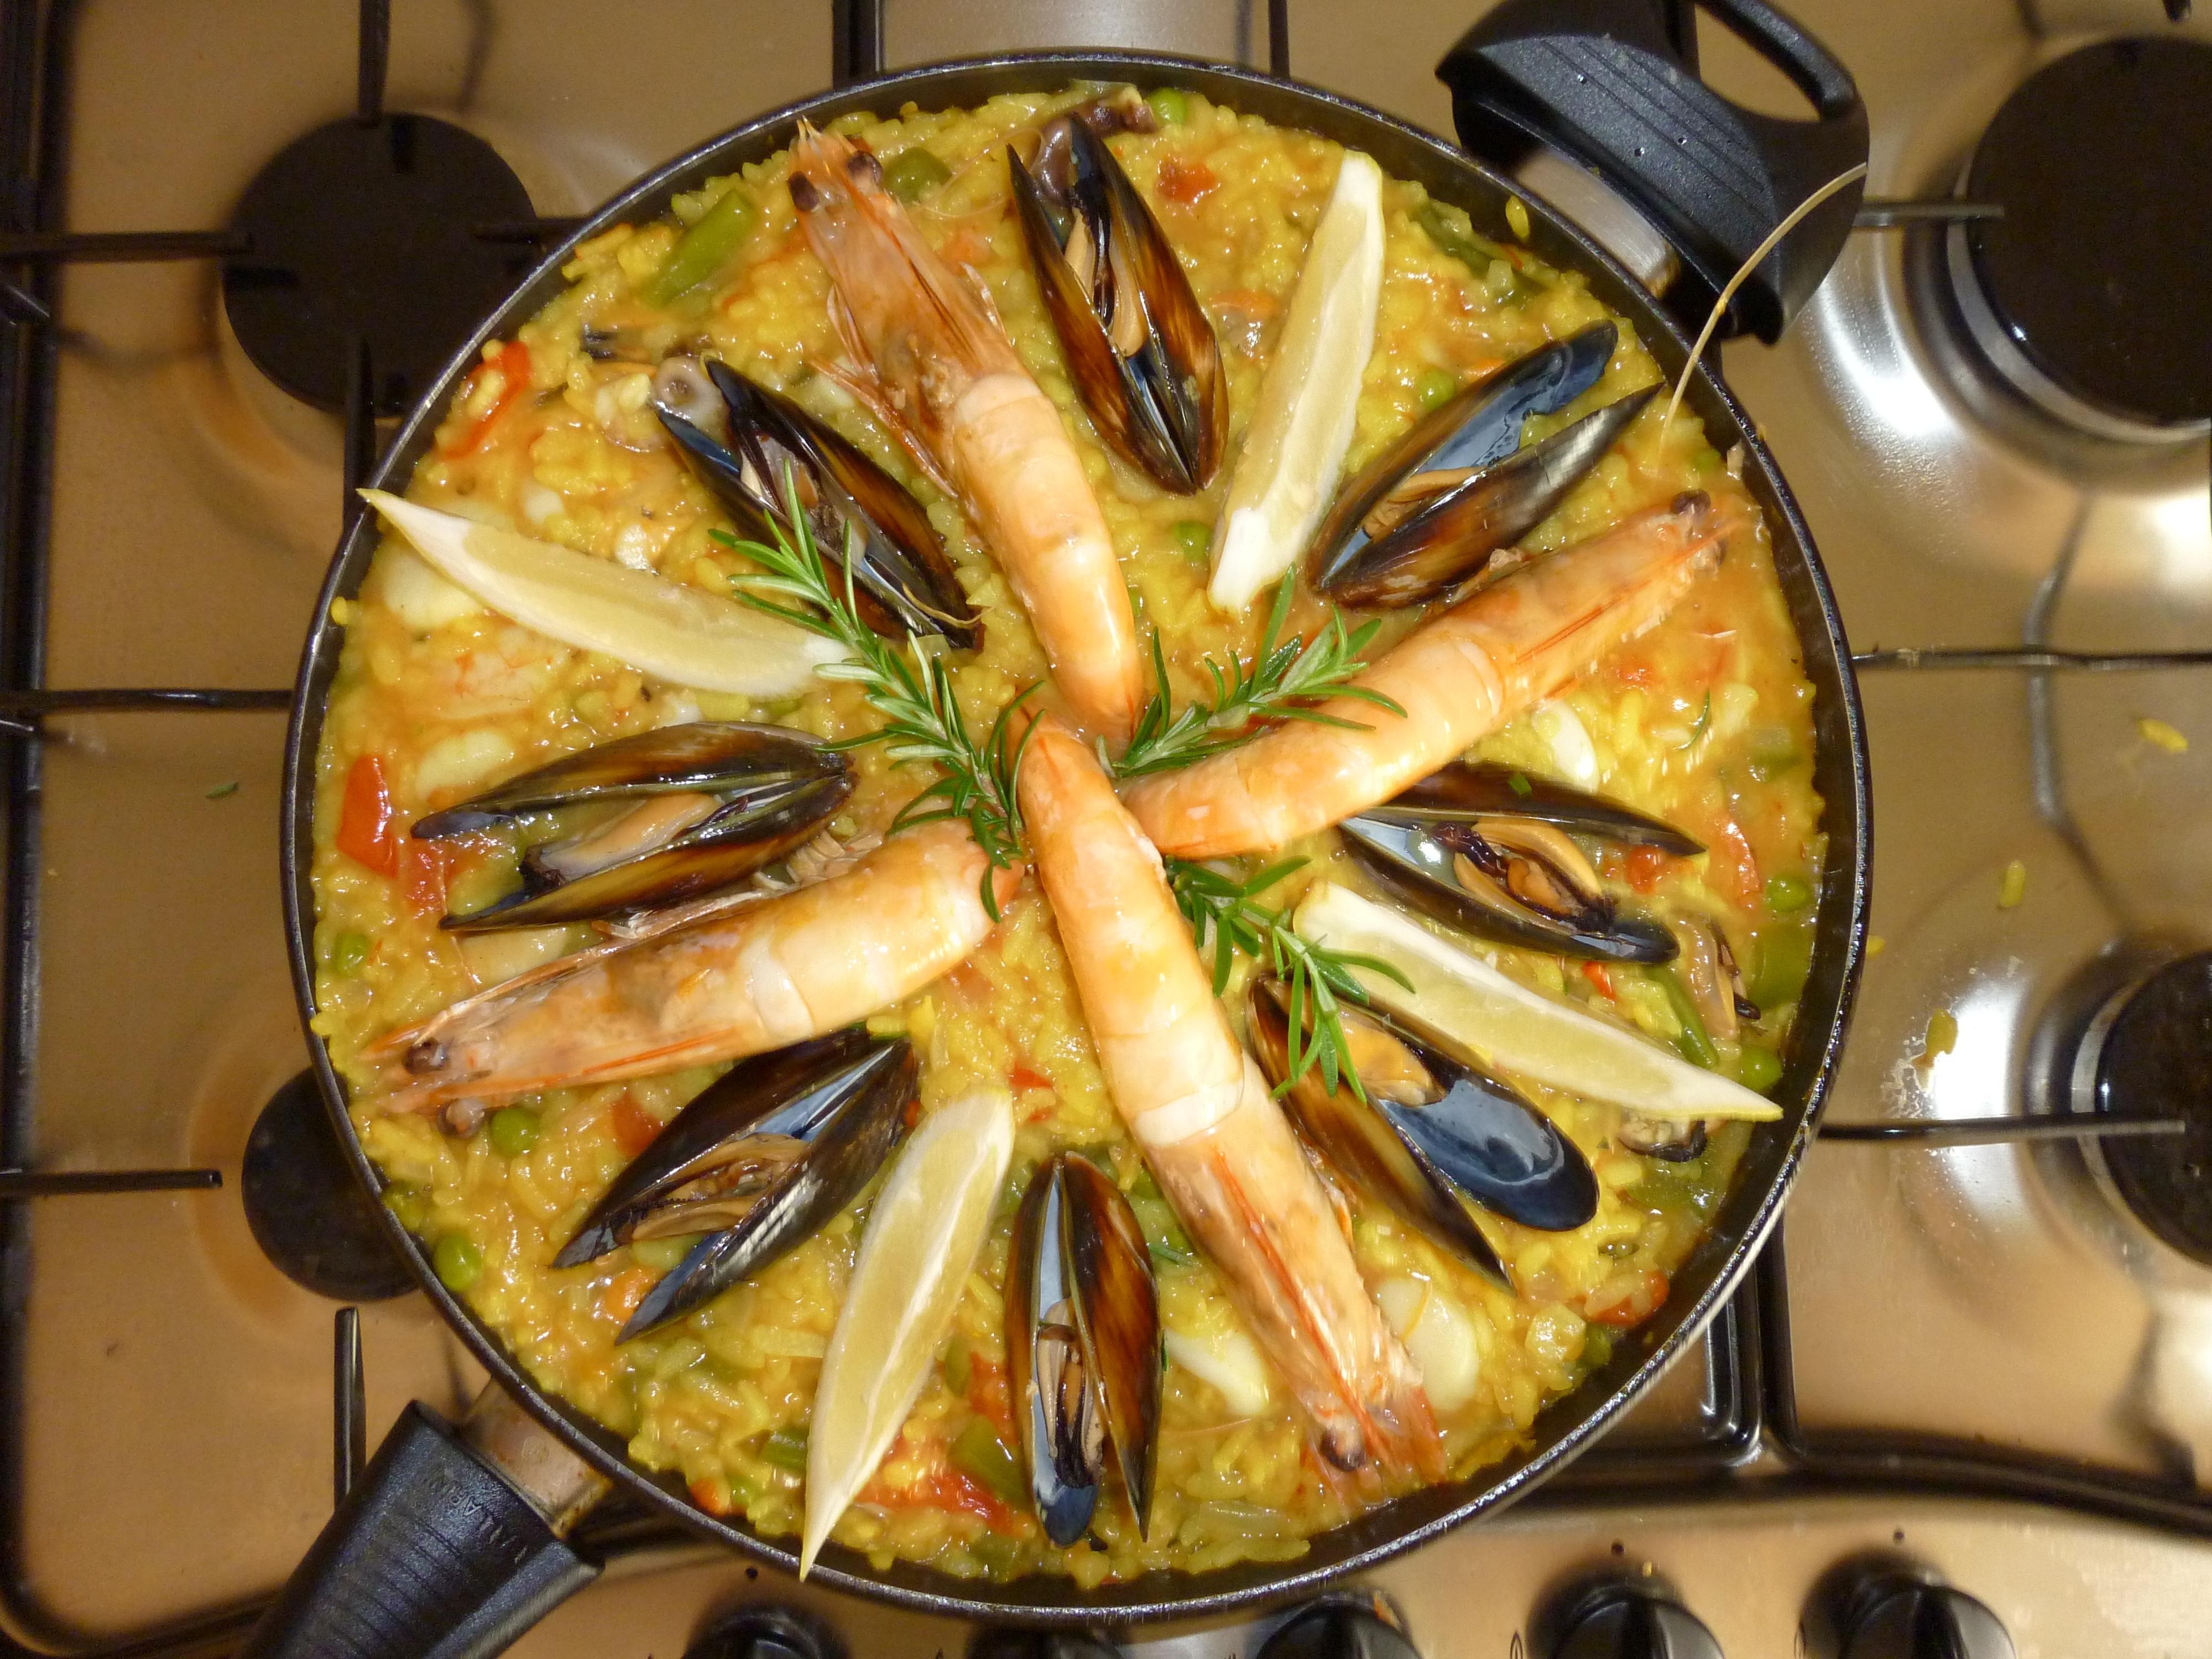 Gratis Afbeeldingen Restaurant Schotel Maaltijd Middellandse